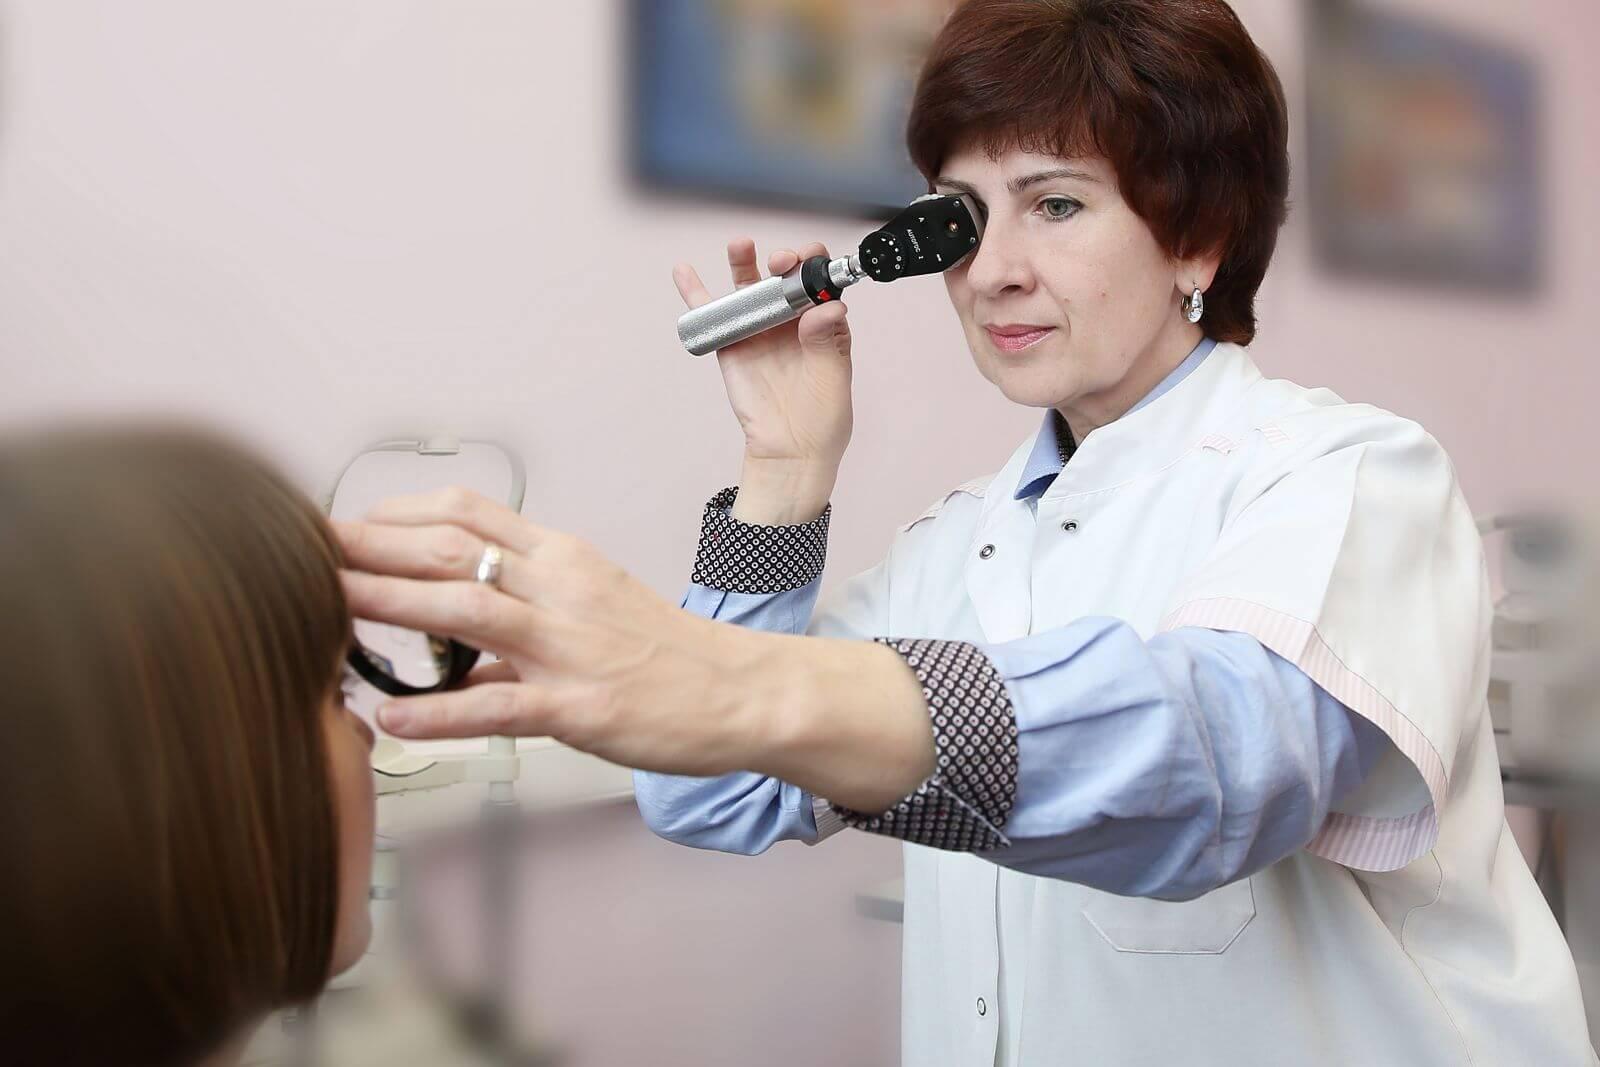 ideiglenes látásvesztés okai Glushkova vigyázzon a szemére